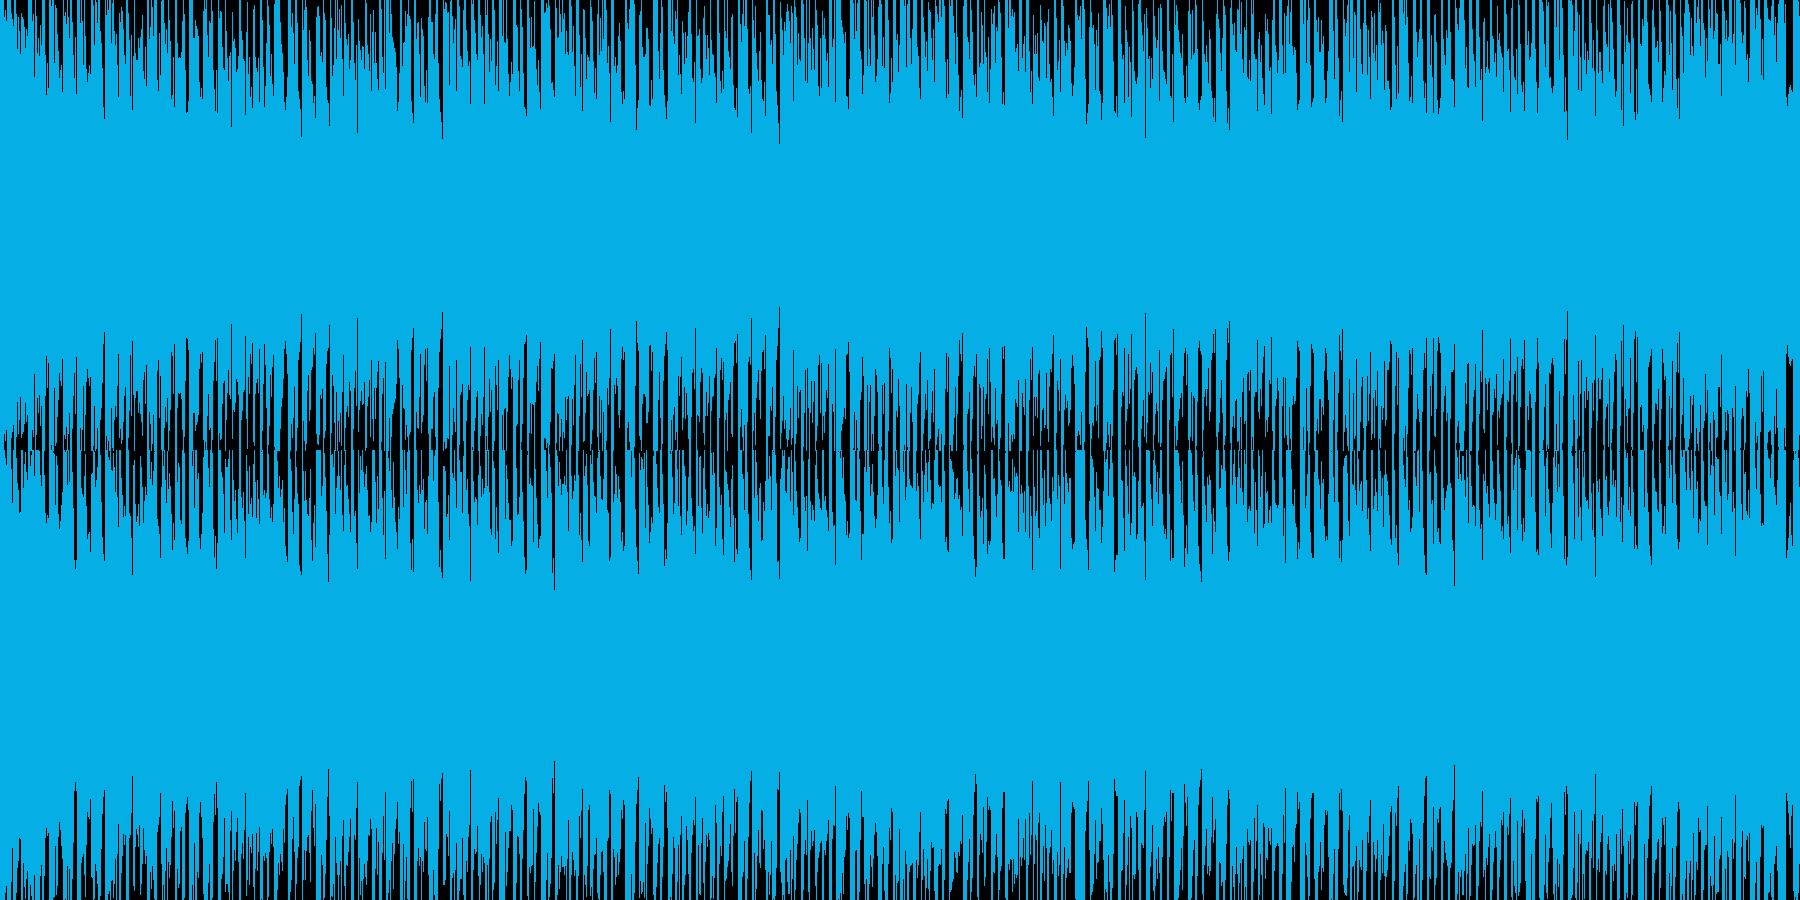 【EDMループ素材】企業・映像制作向きAの再生済みの波形